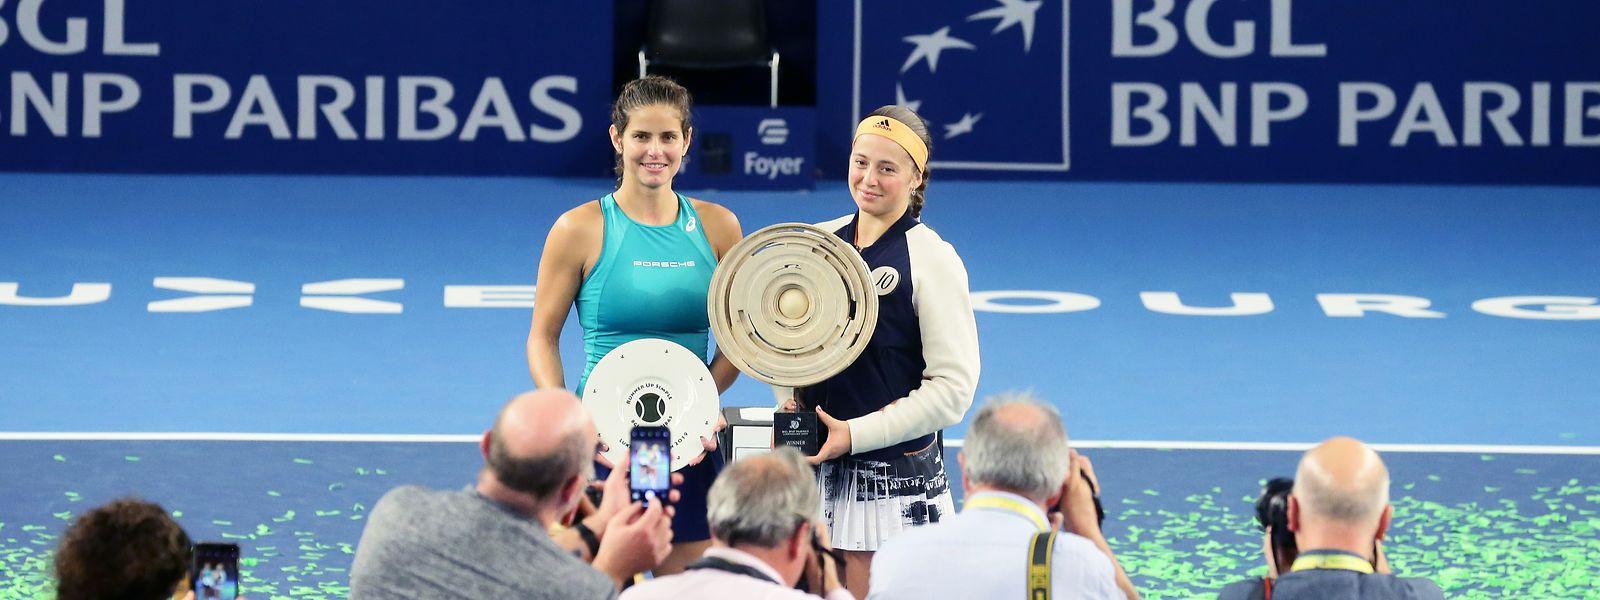 Les deux finalistes du BGL BNP Paribas Luxembourg Open 2019: Julian Gôrges et Jelena Ostapenko.